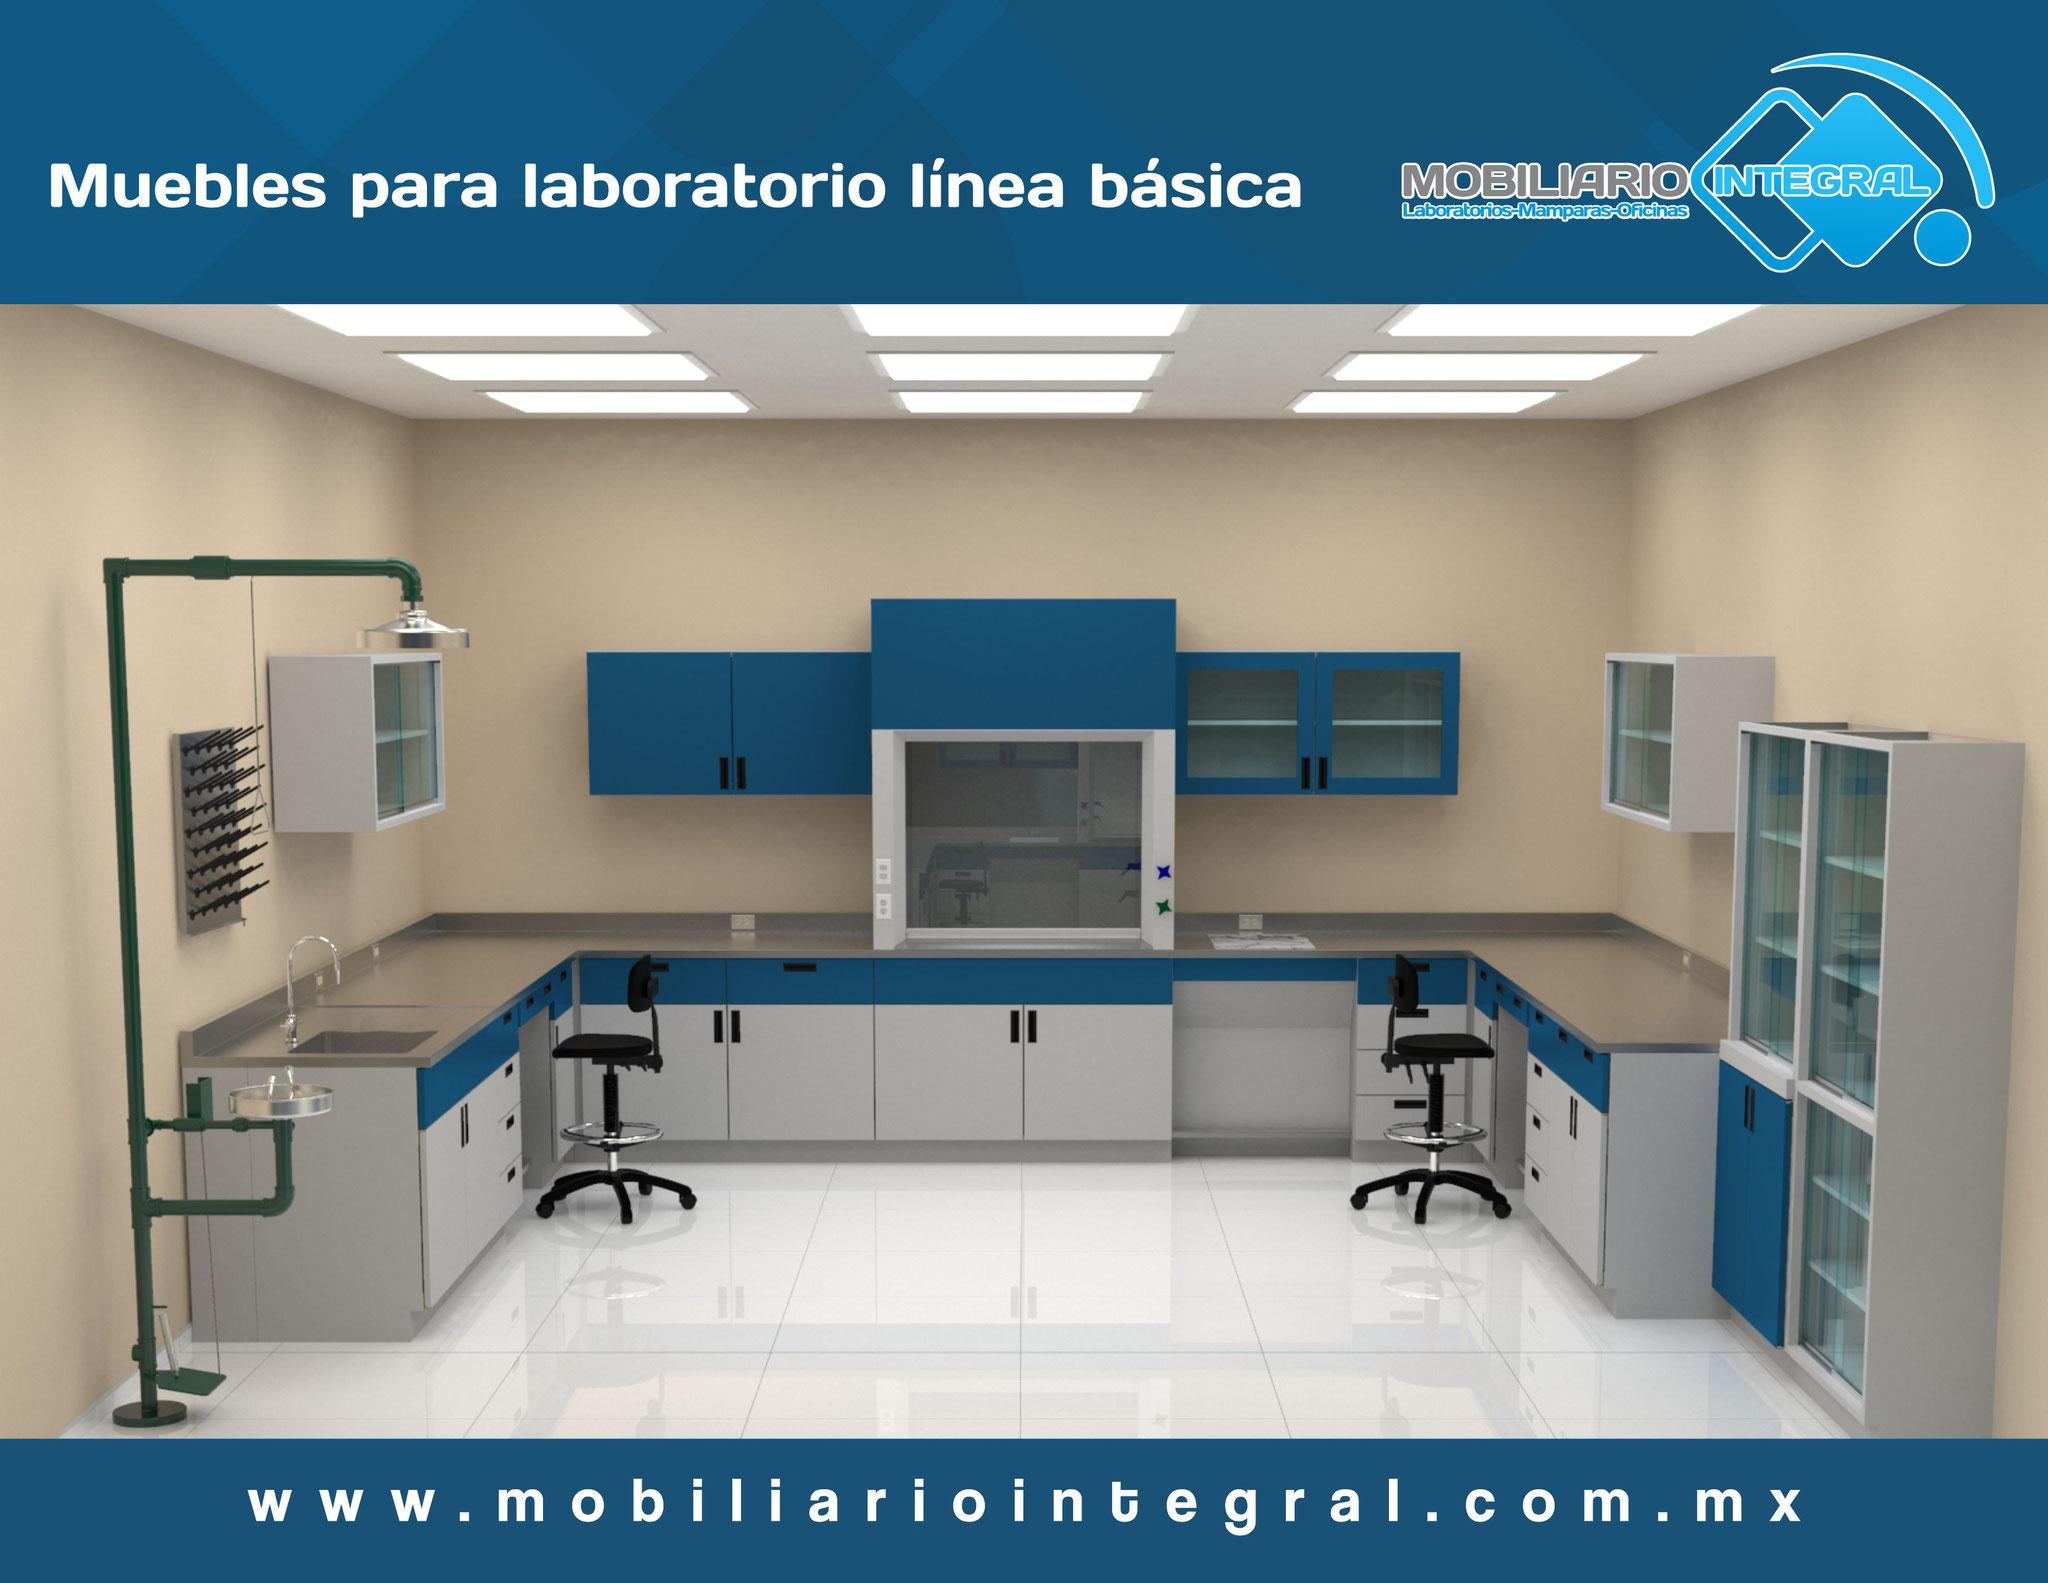 Muebles para laboratorio en Zacatecas